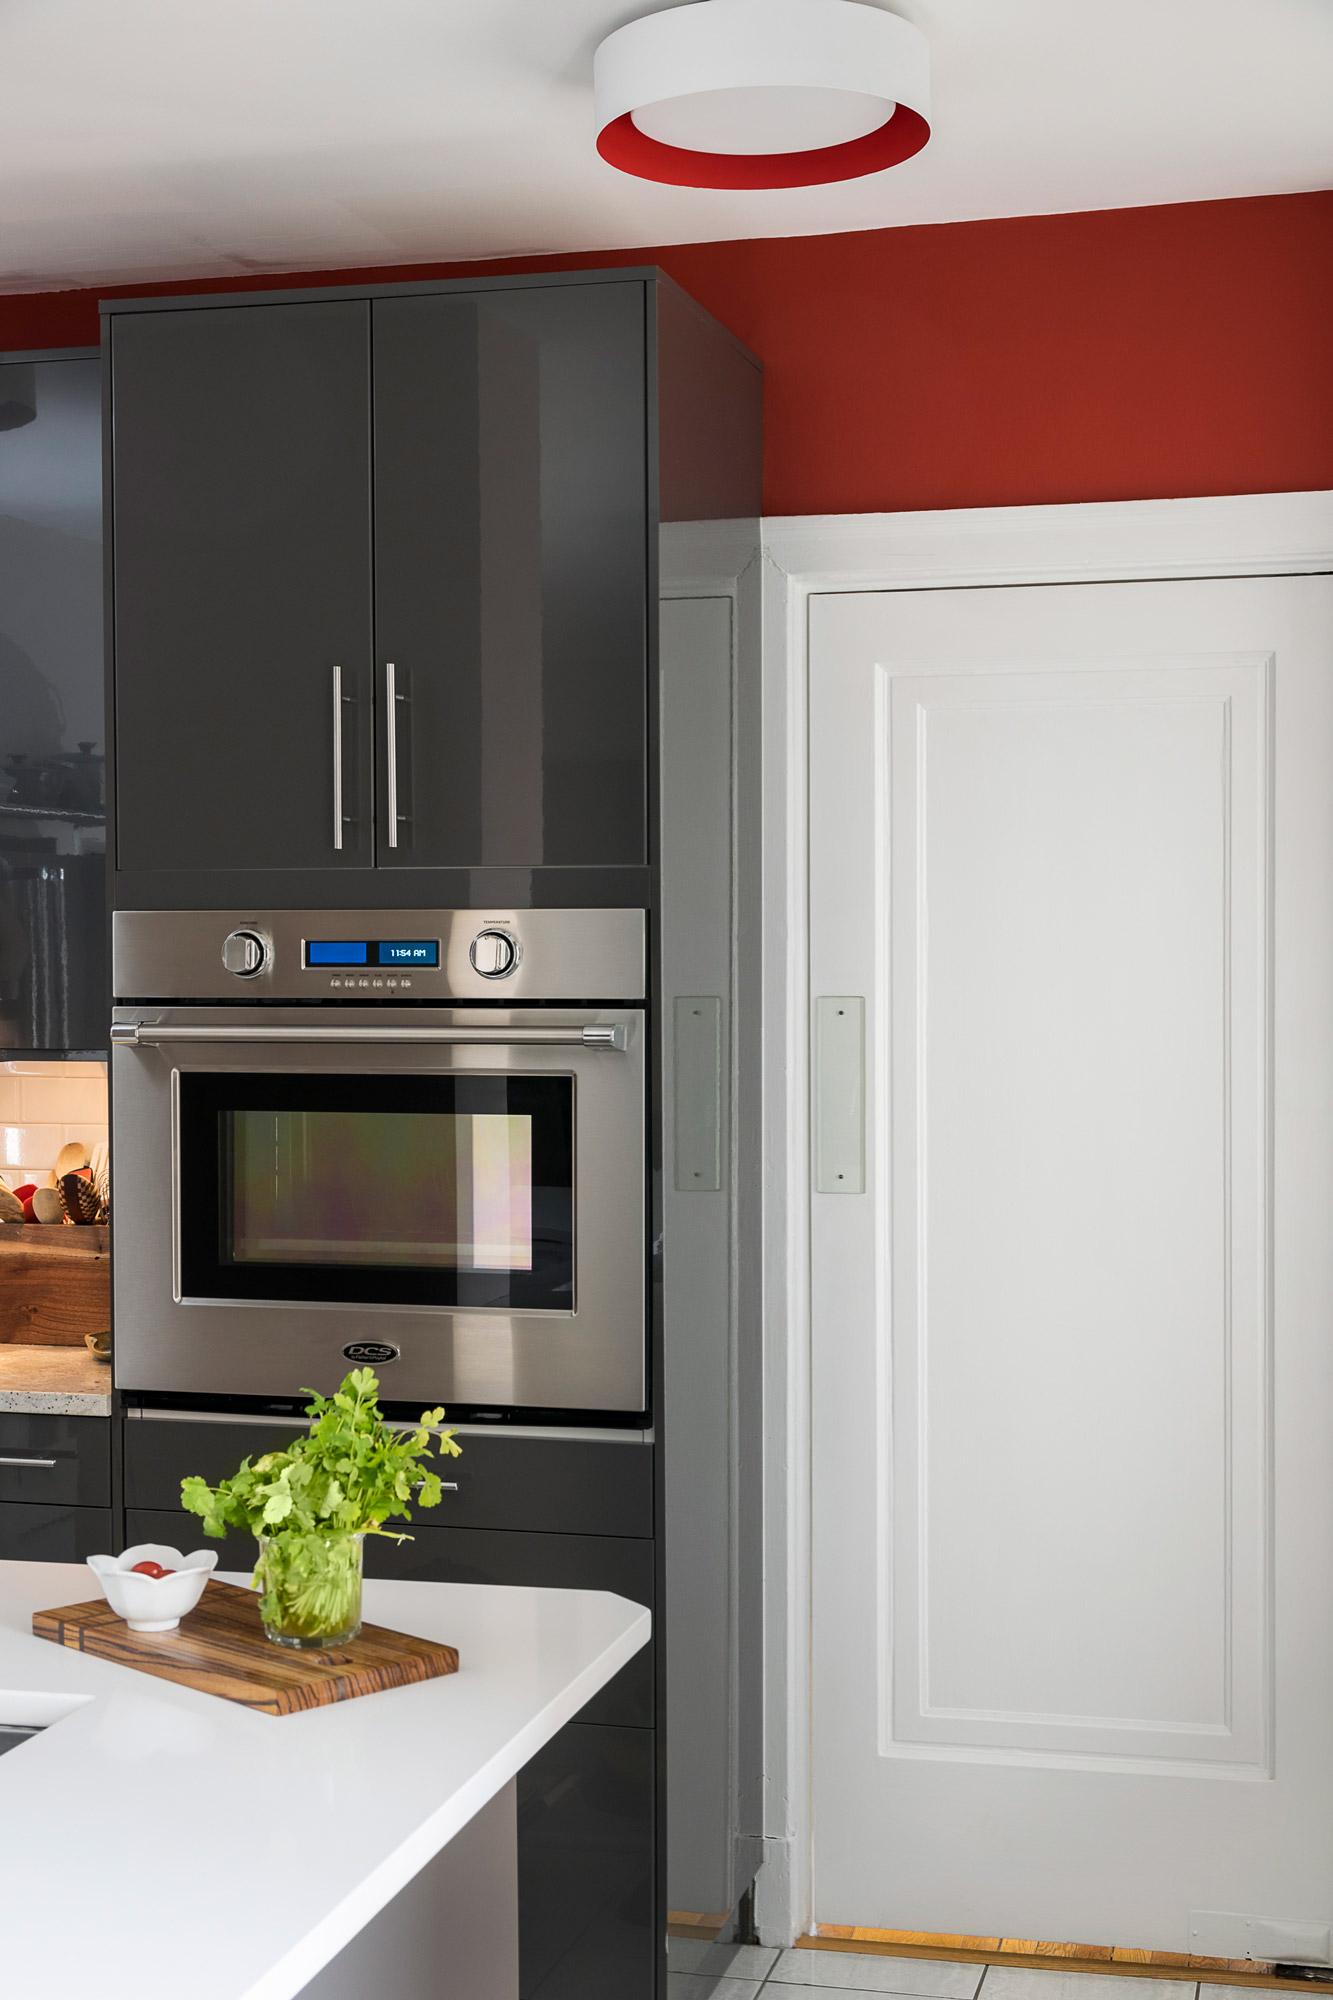 kitchen-2-_DSC0560-300-dpi.jpg